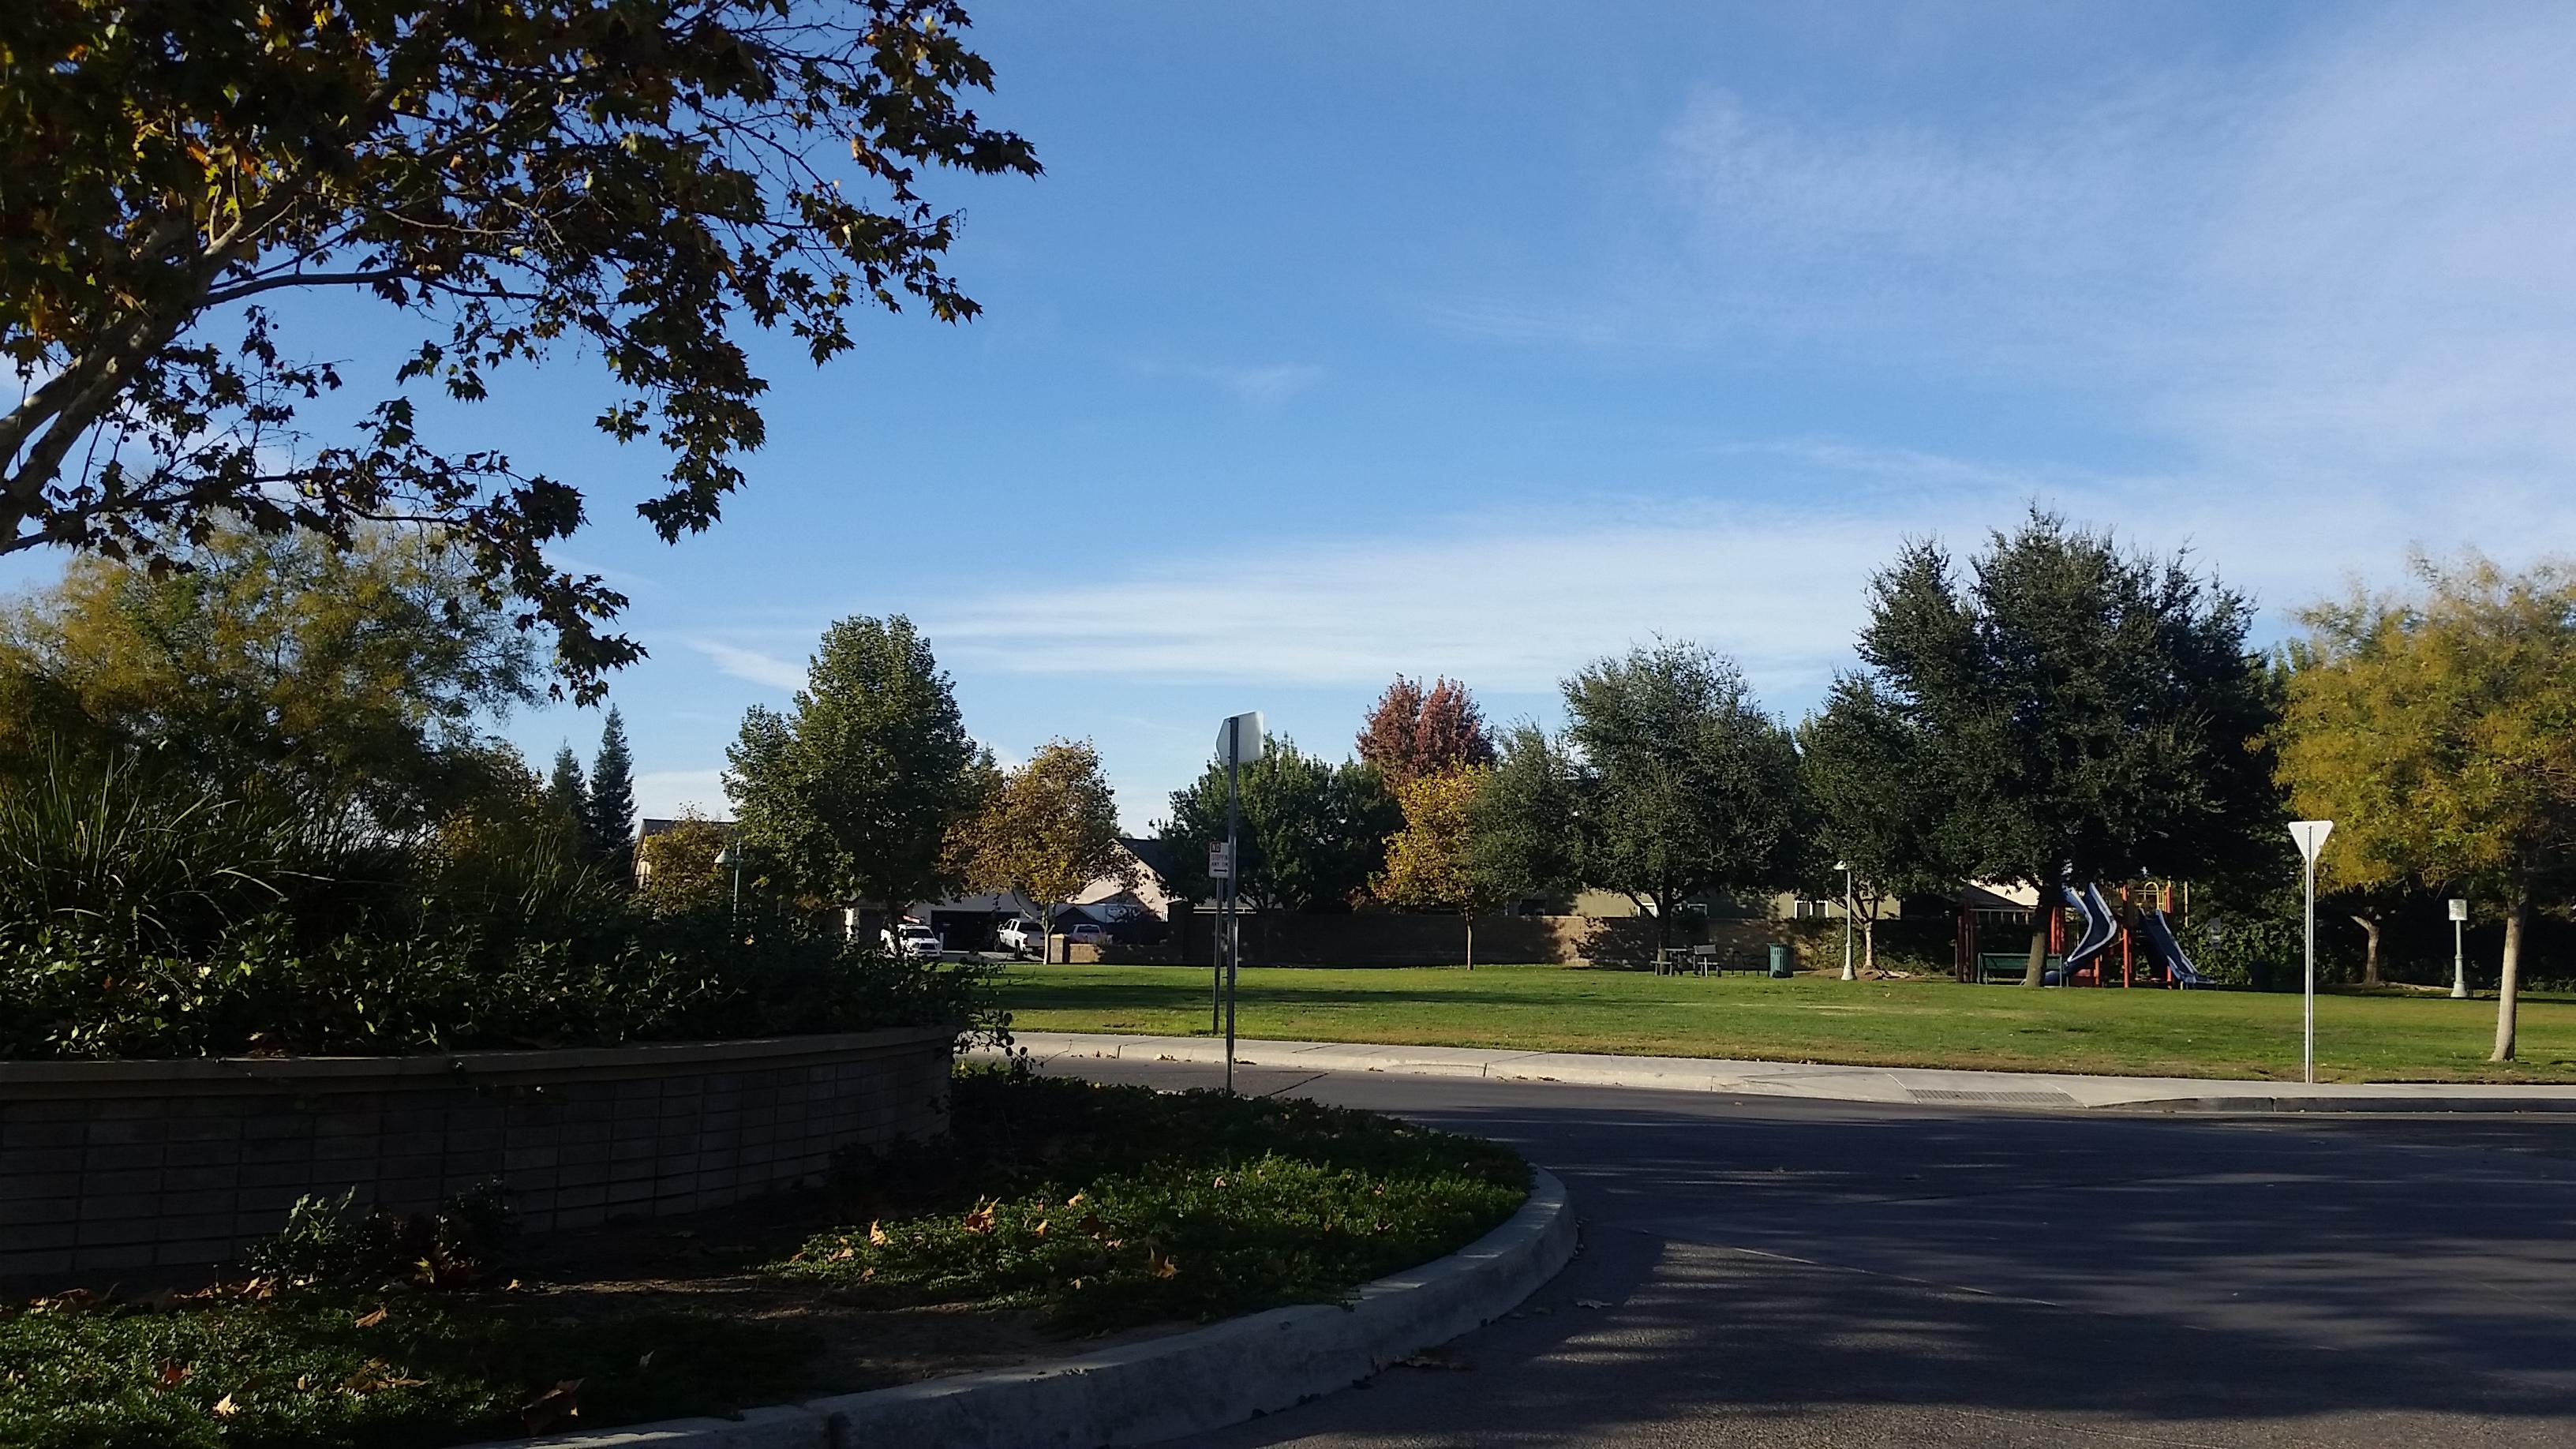 Lennar Park